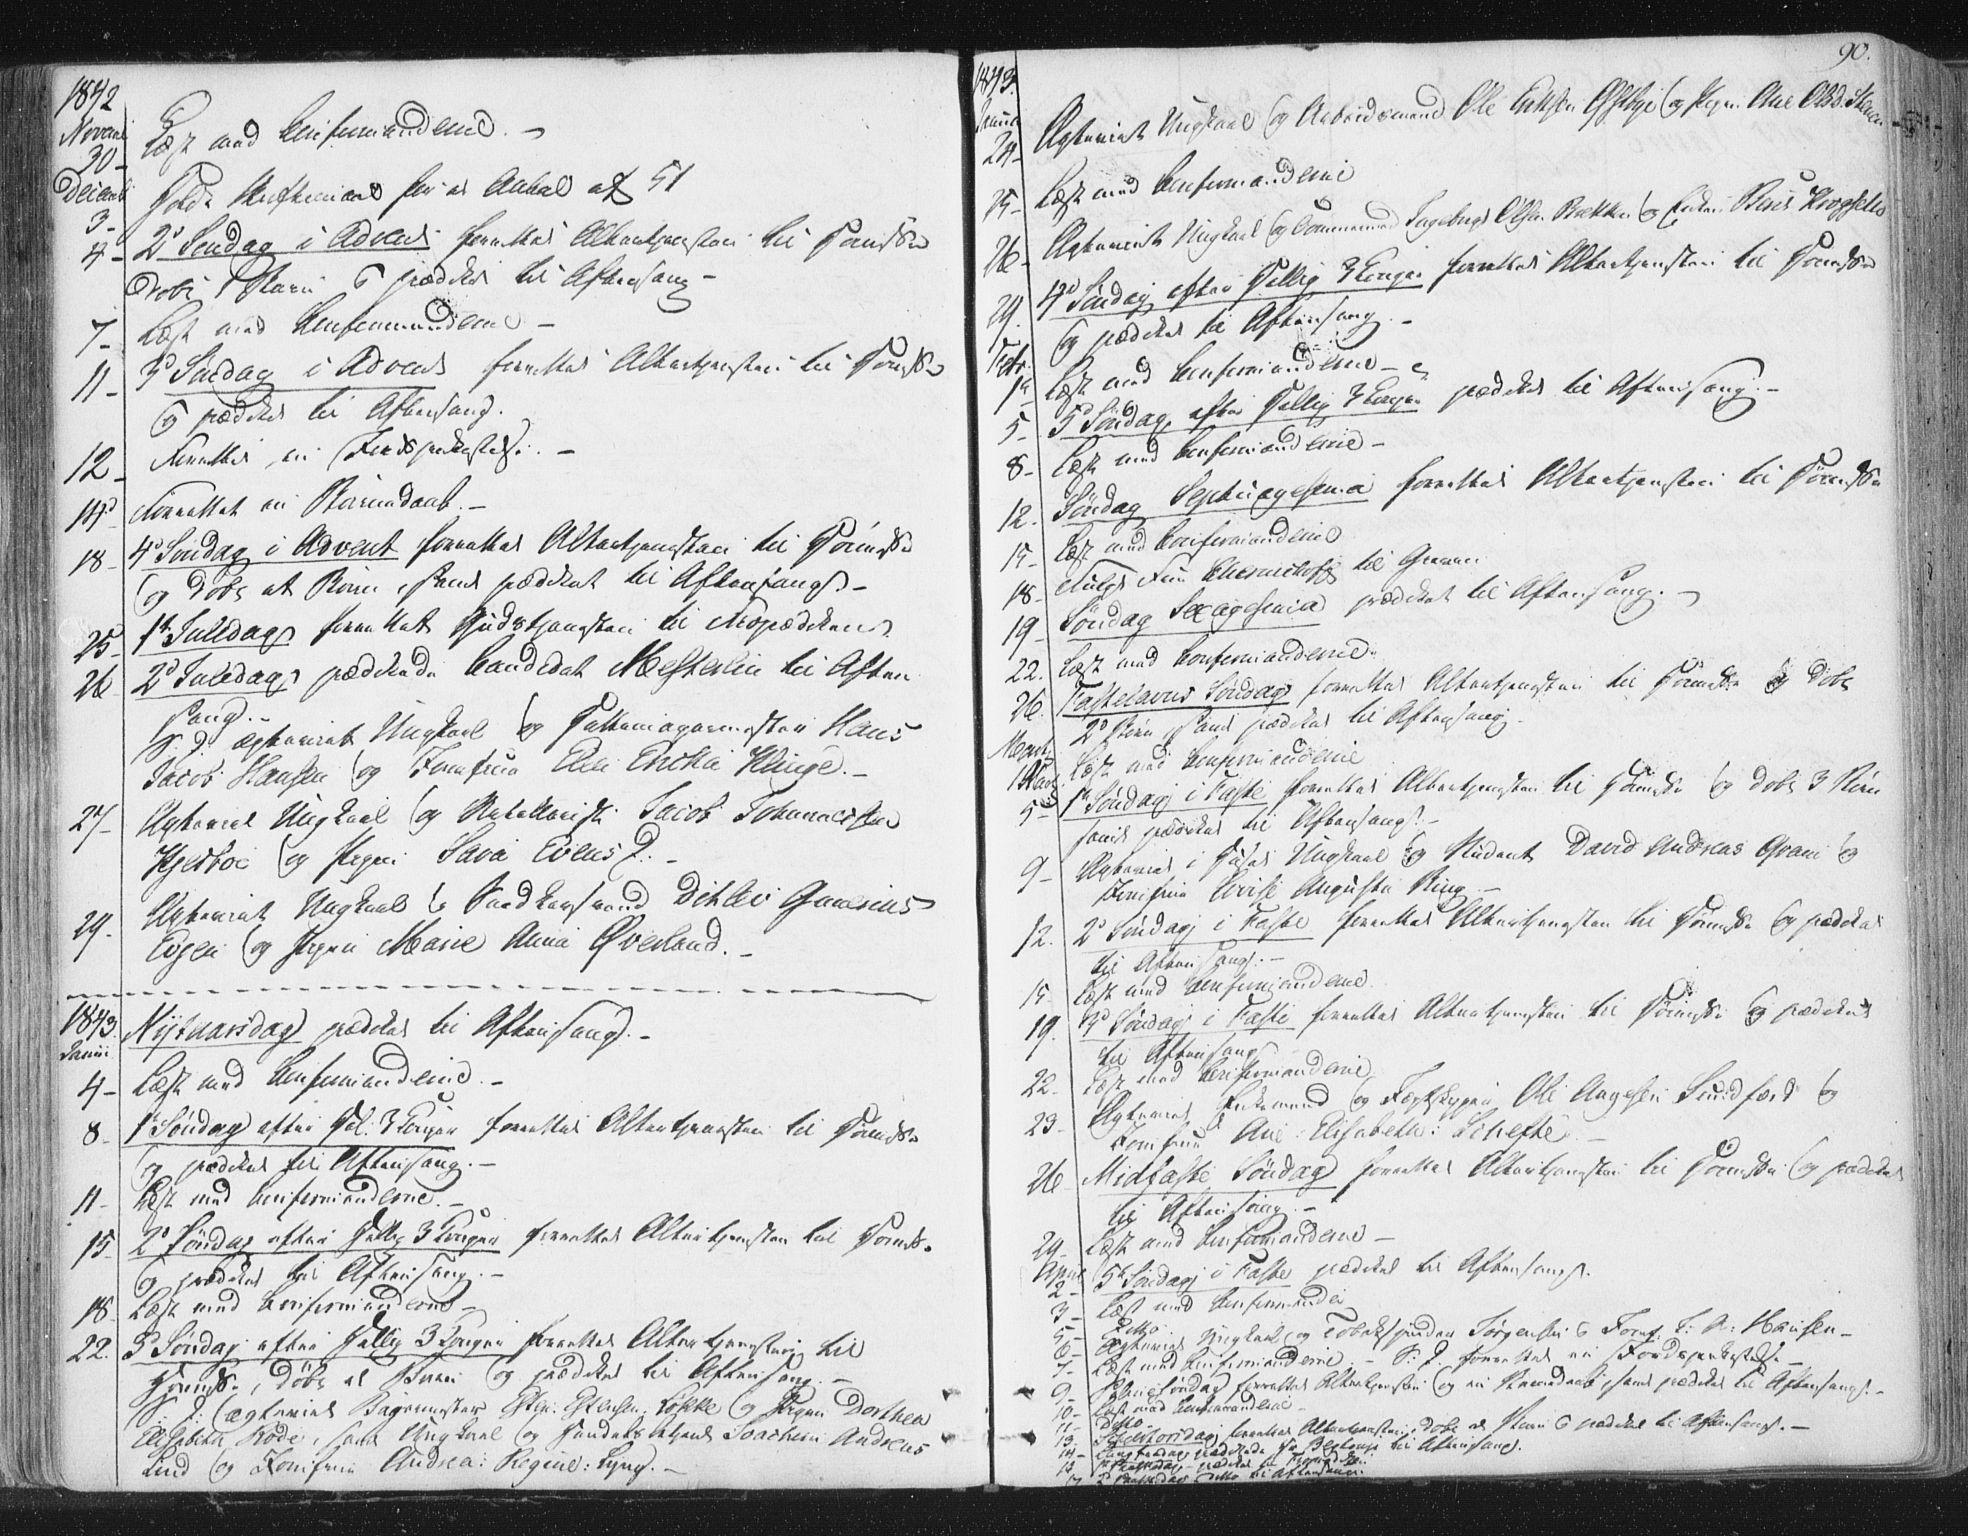 SAT, Ministerialprotokoller, klokkerbøker og fødselsregistre - Sør-Trøndelag, 602/L0127: Residerende kapellans bok nr. 602B01, 1821-1875, s. 90